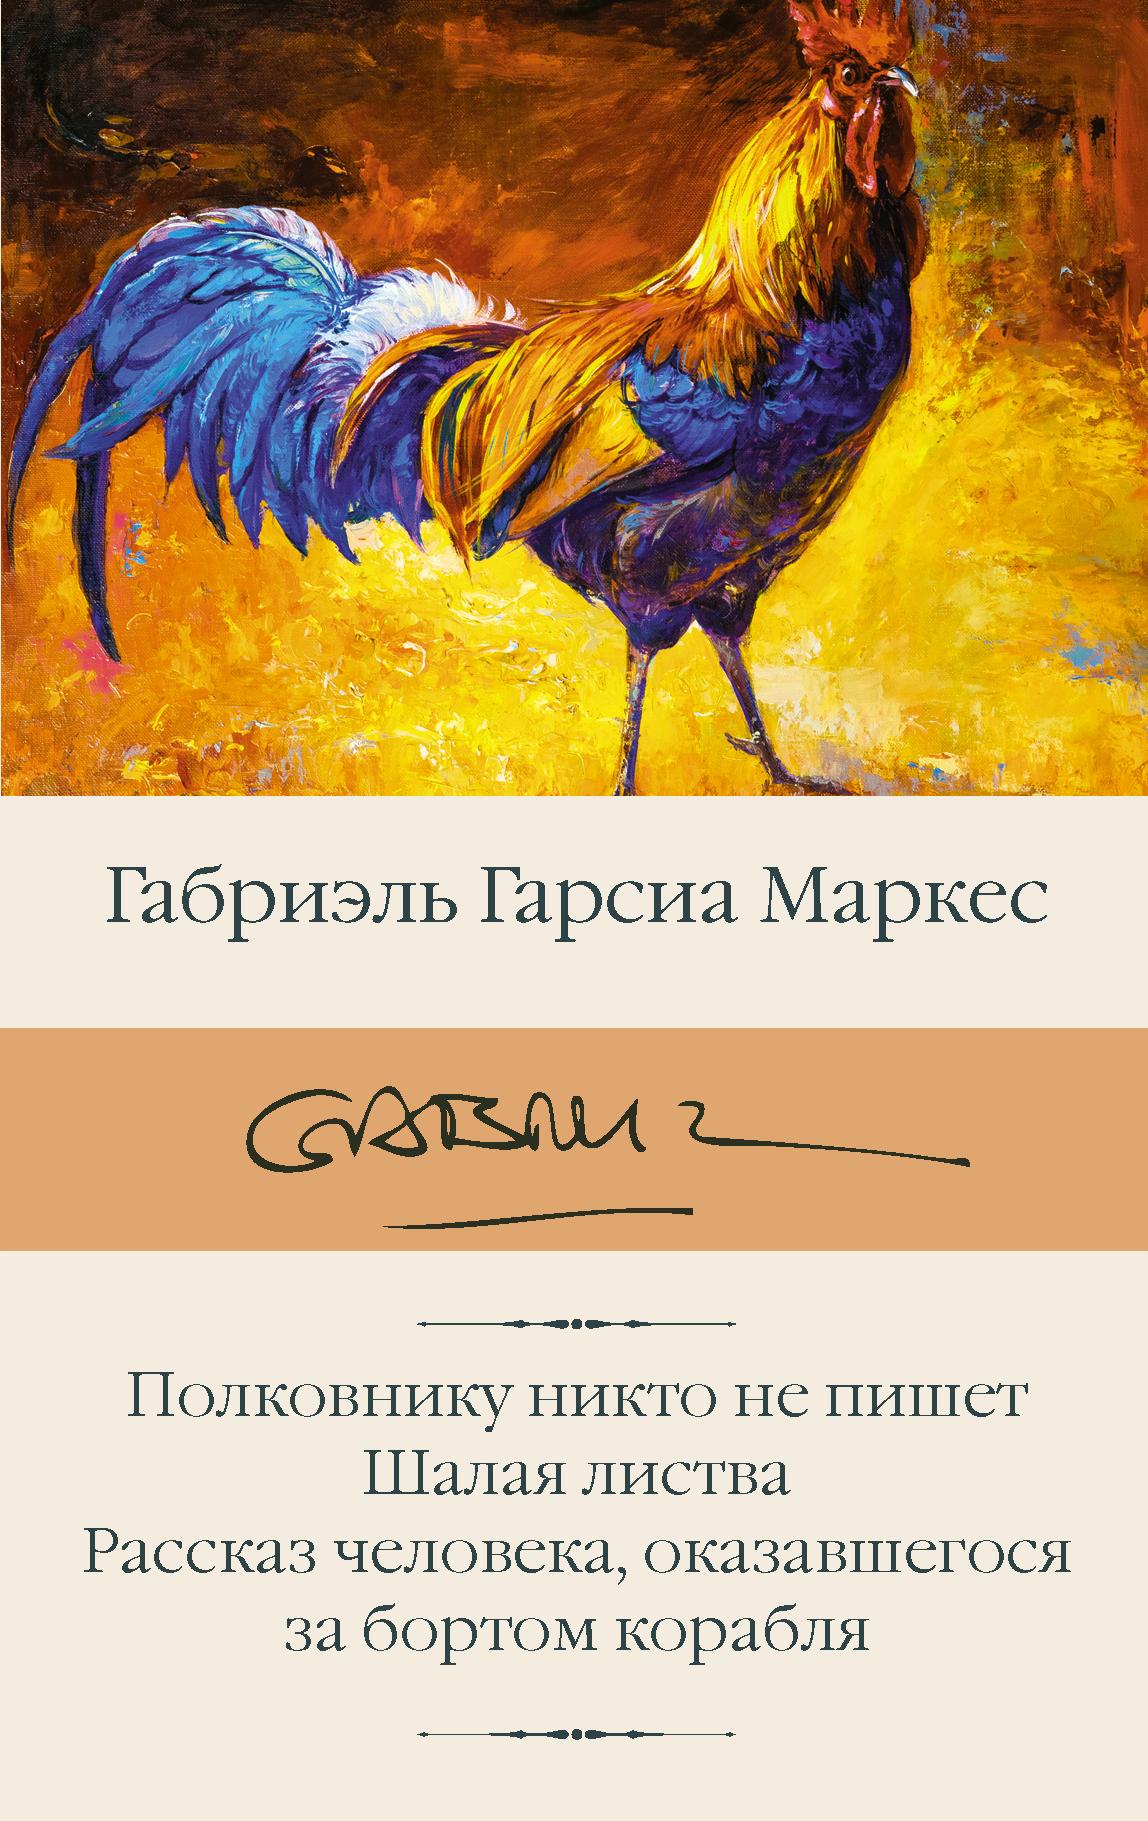 Гарсиа Маркес Габриэль Полковнику никто не пишет. Шалая листва. Рассказ человека, оказавшегося за бортом корабля